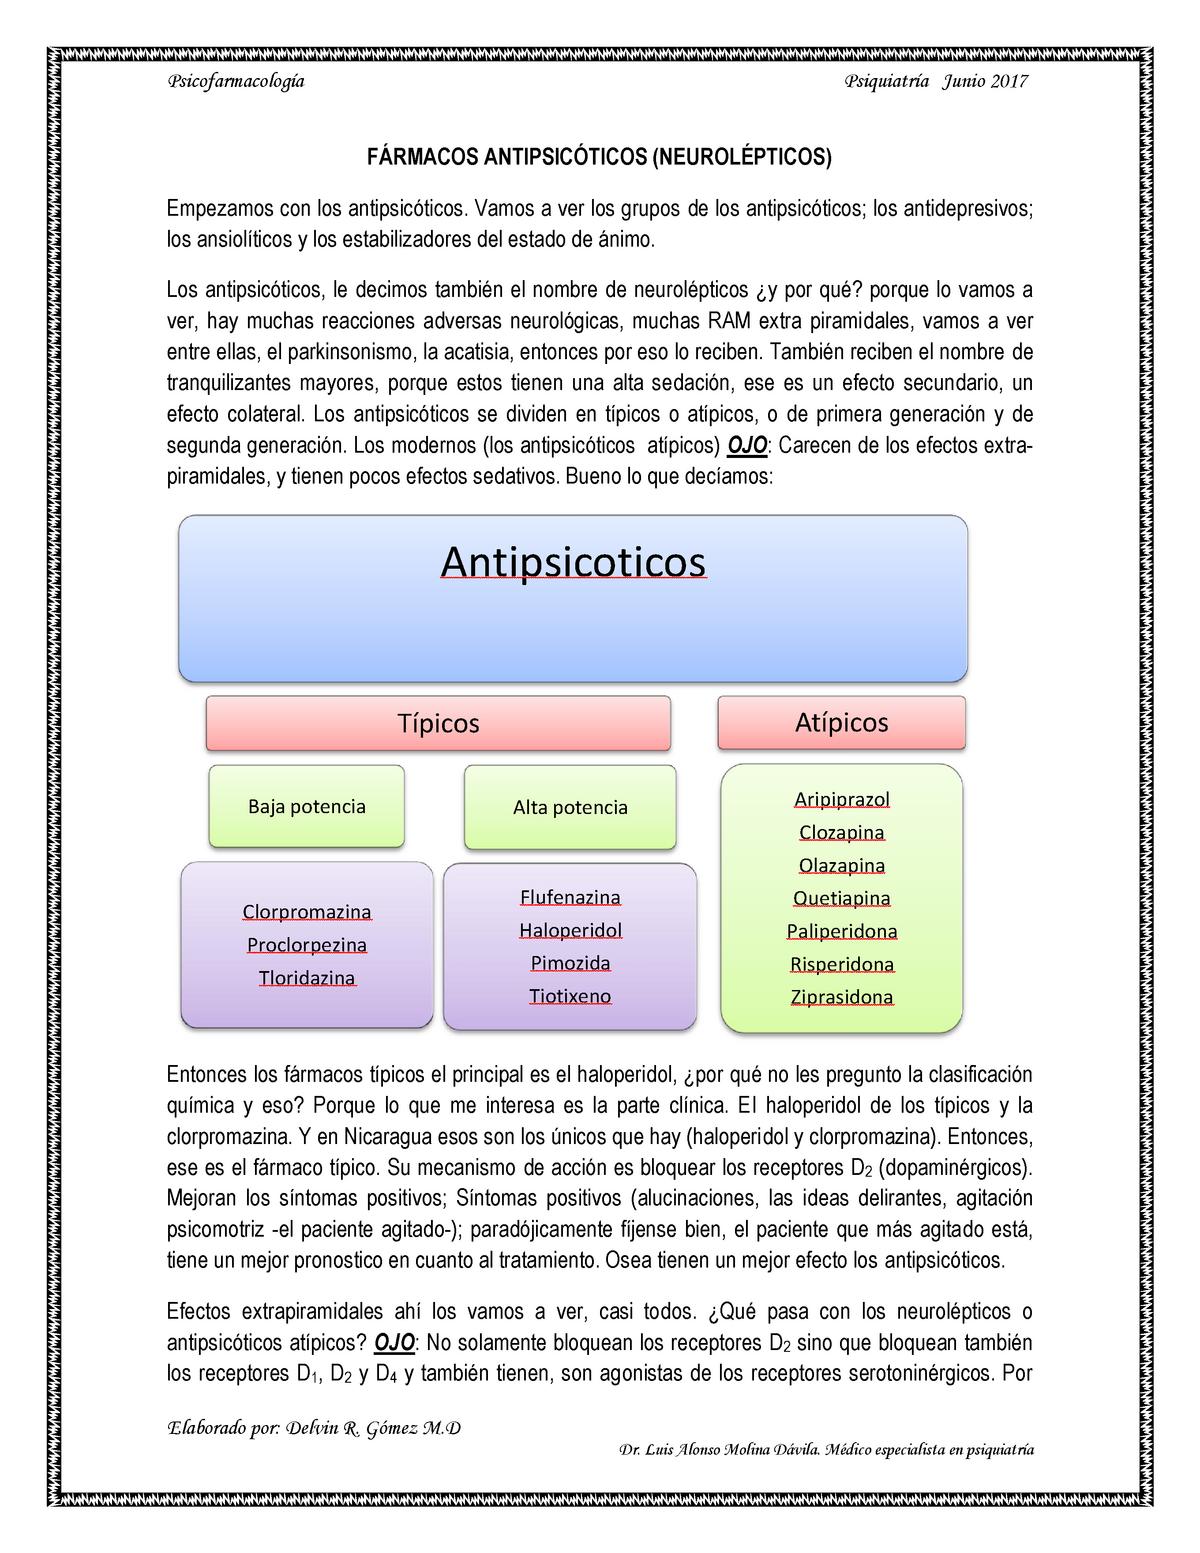 aripiprazol y disfunción eréctil